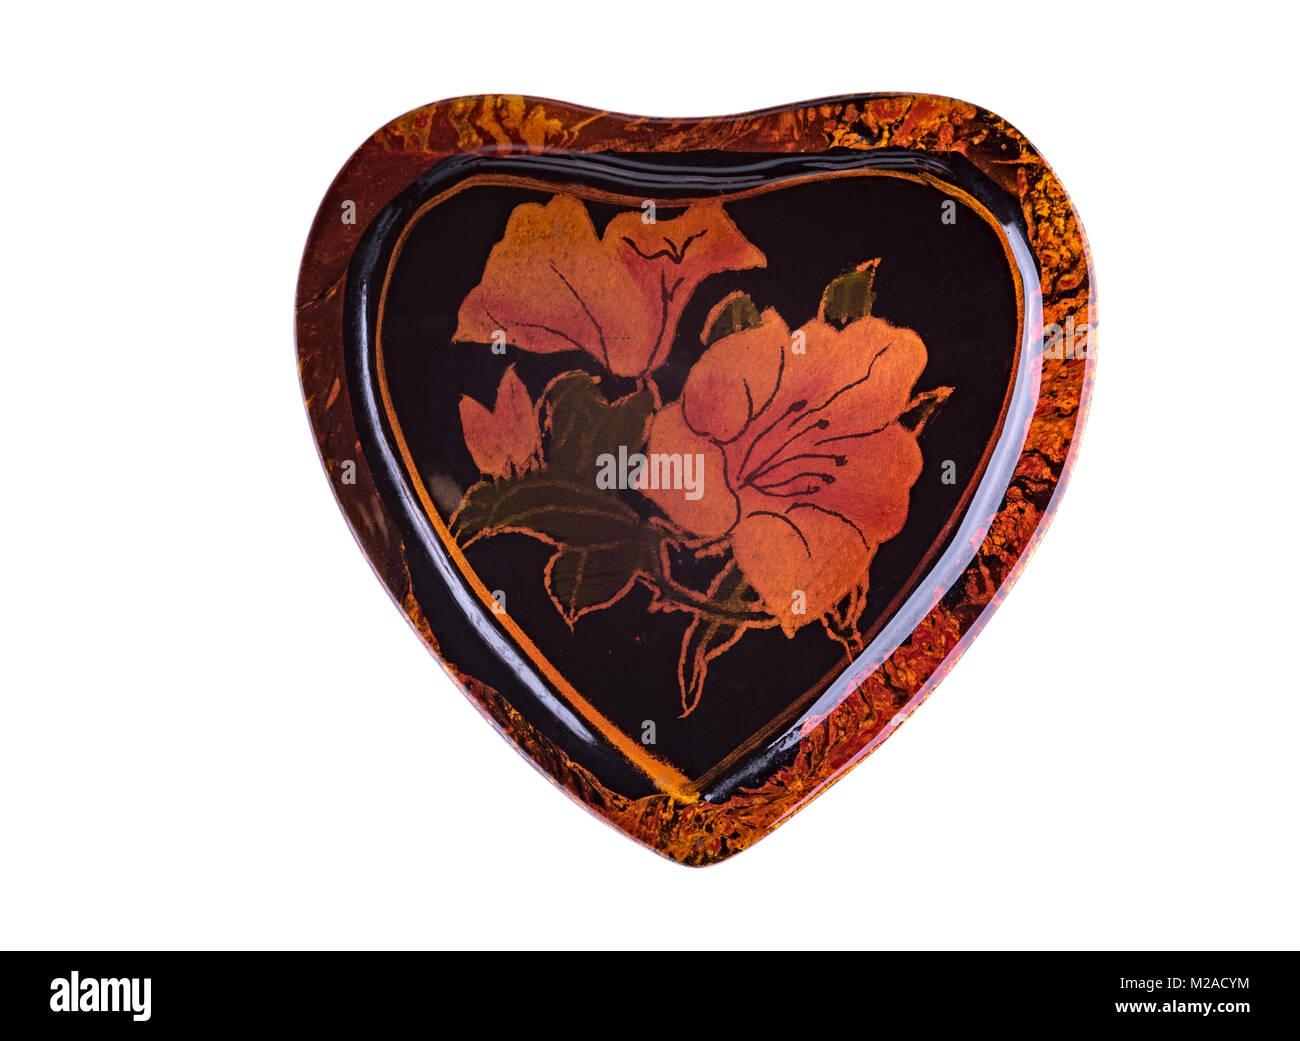 A forma di cuore lacuered, box, con decorazioni floreali. Immagini Stock